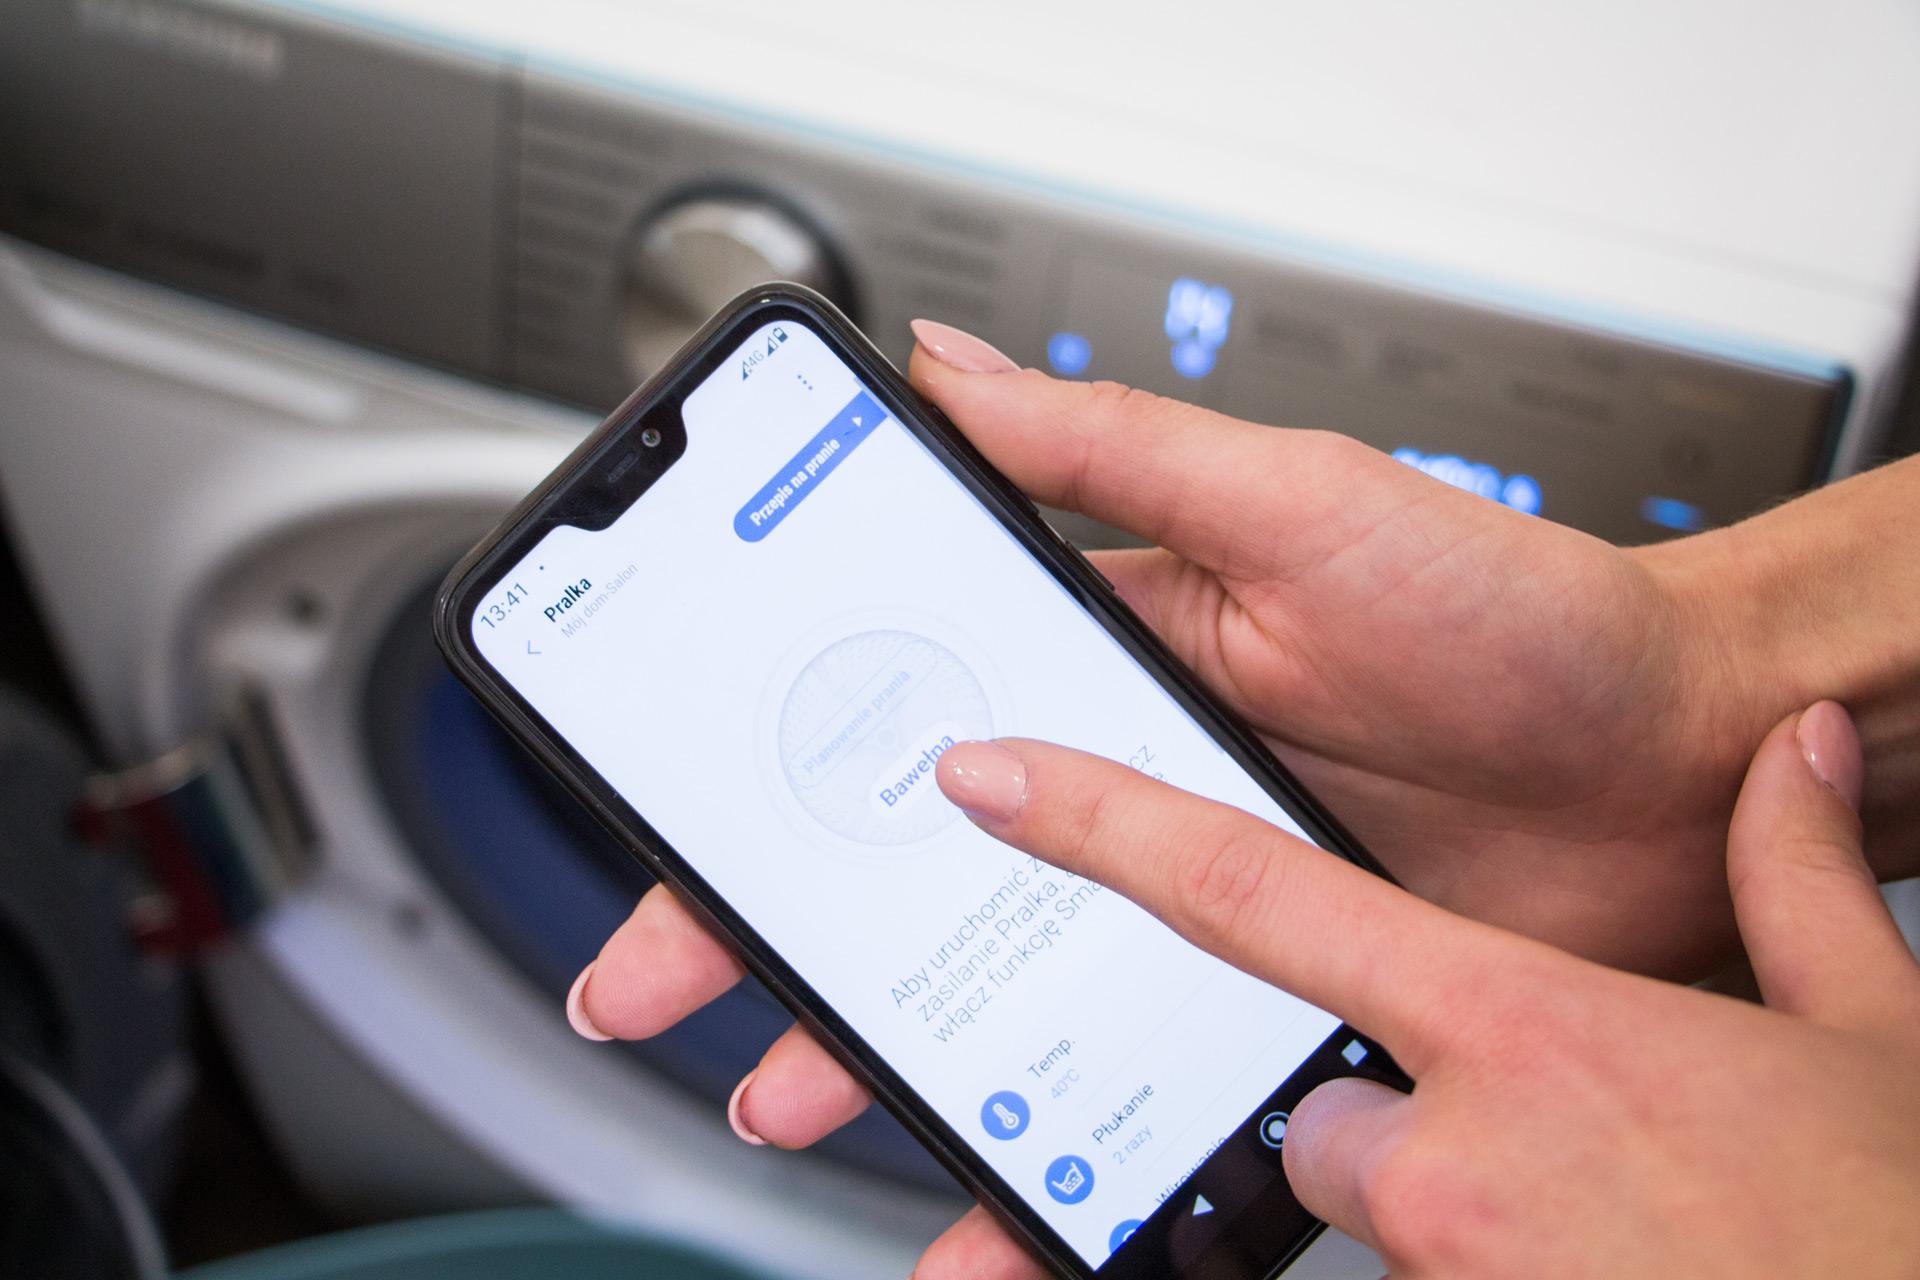 Pralka Samsung WW10M86INOA aplikacja